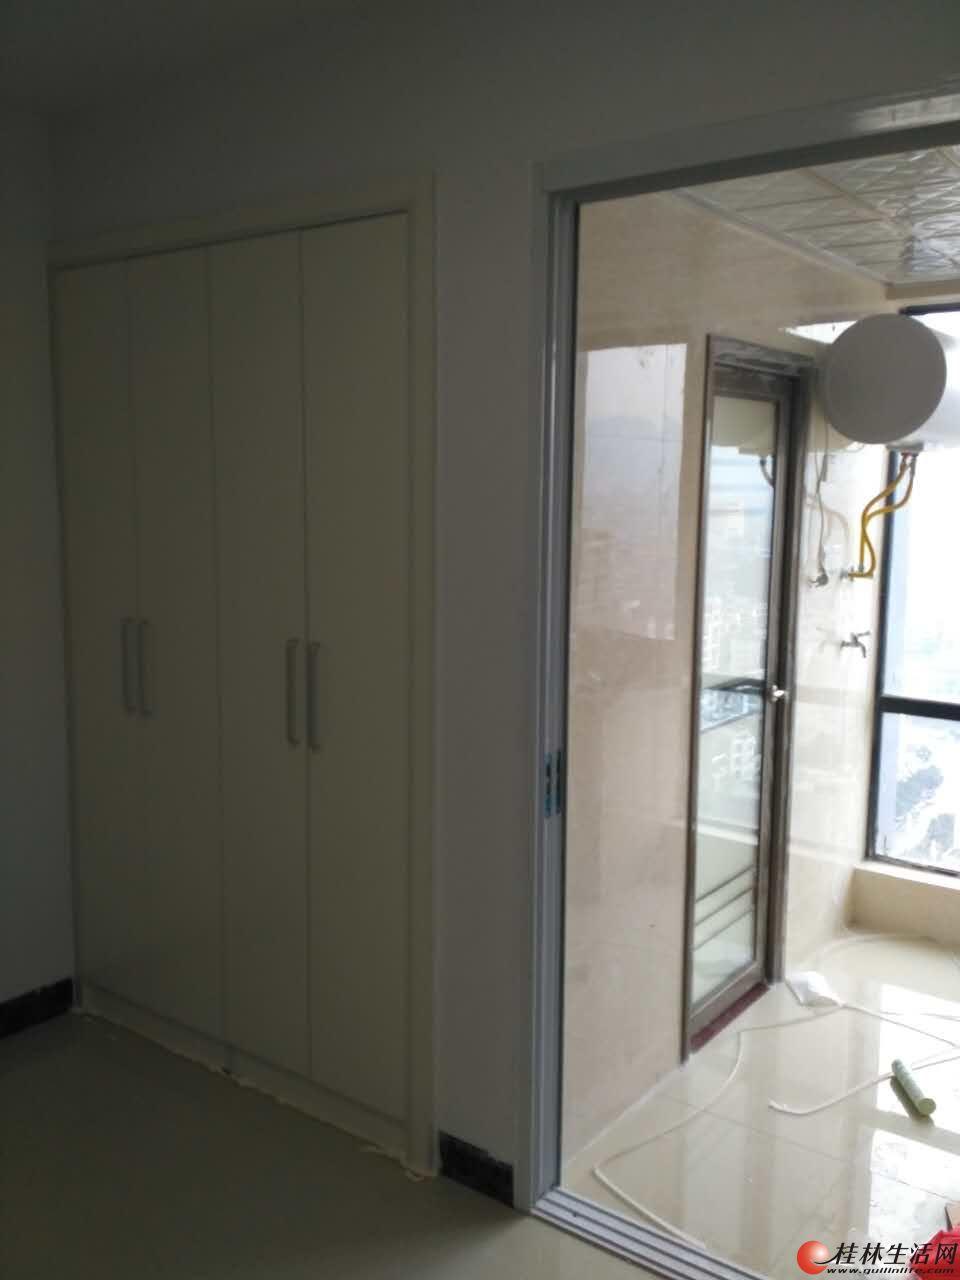 八里街哈佛中心小区精装公寓房出租